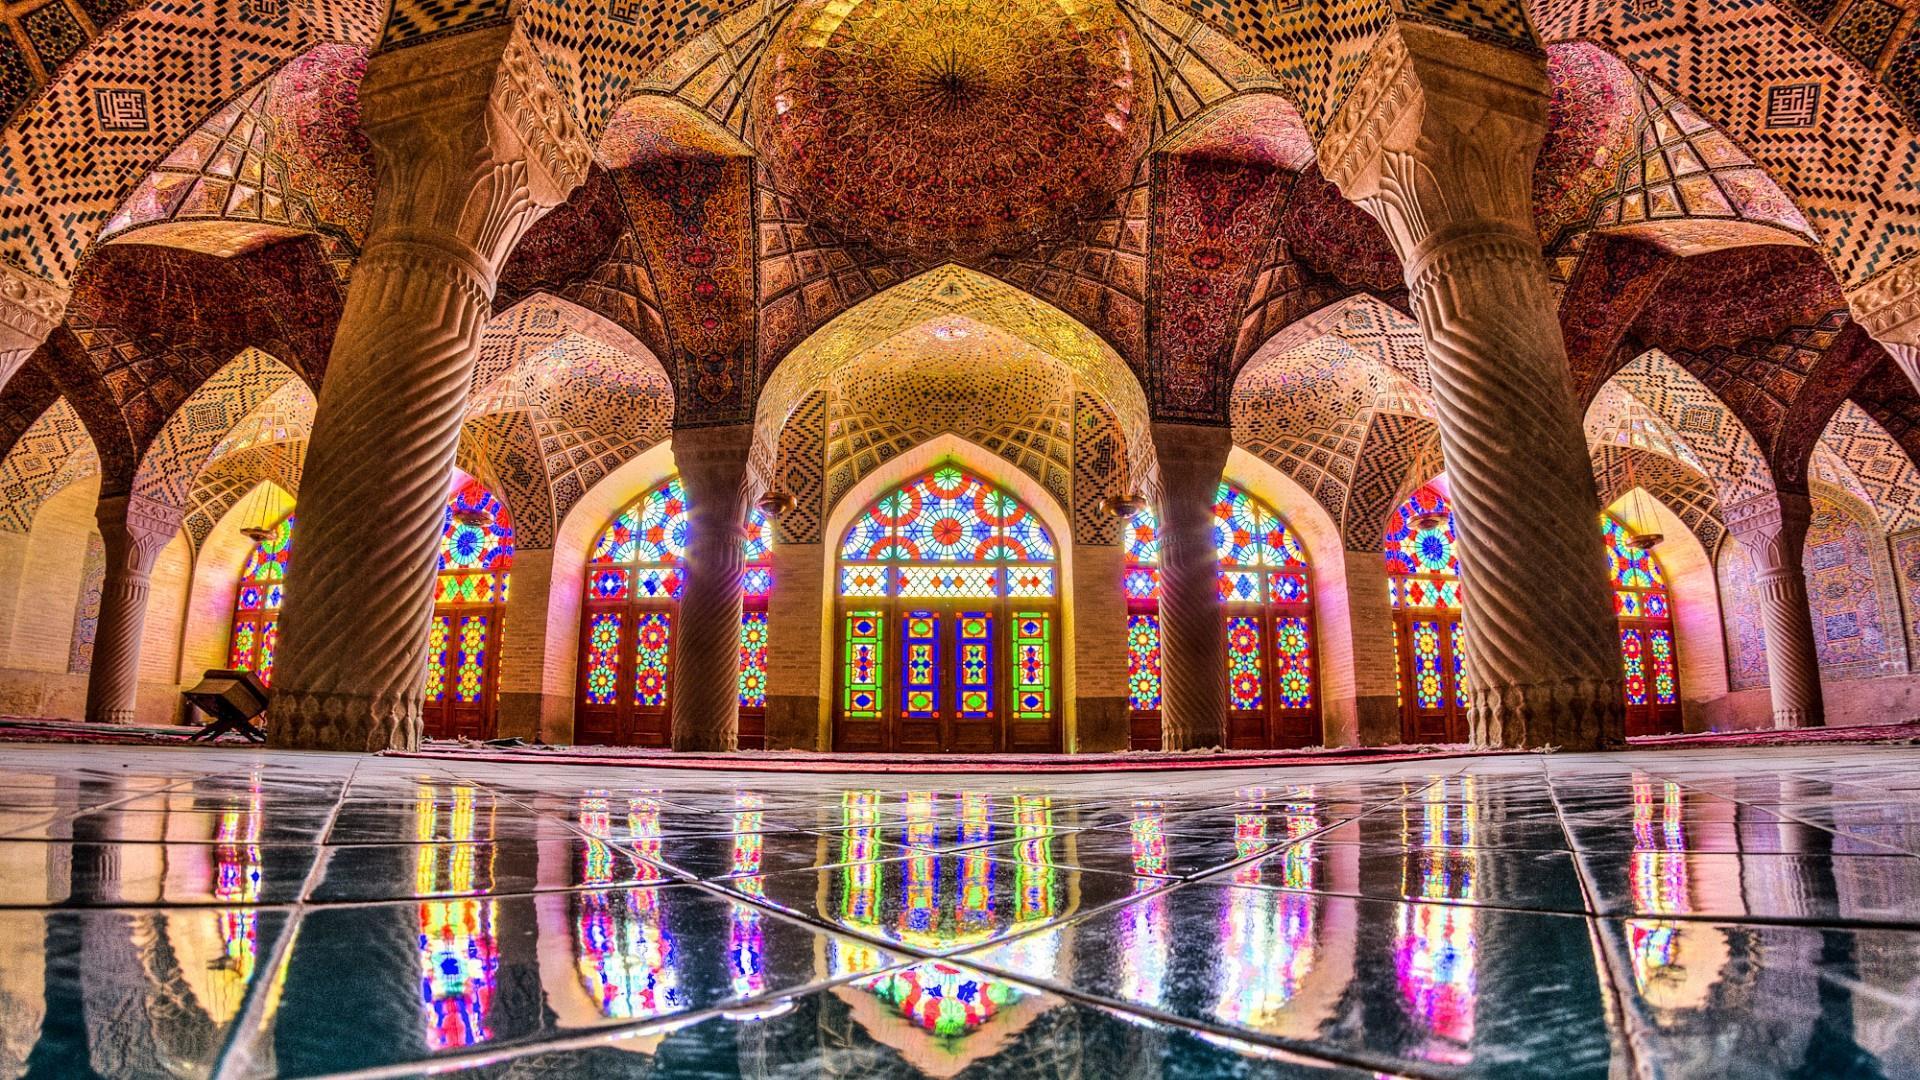 اماکن گردشگری شیراز